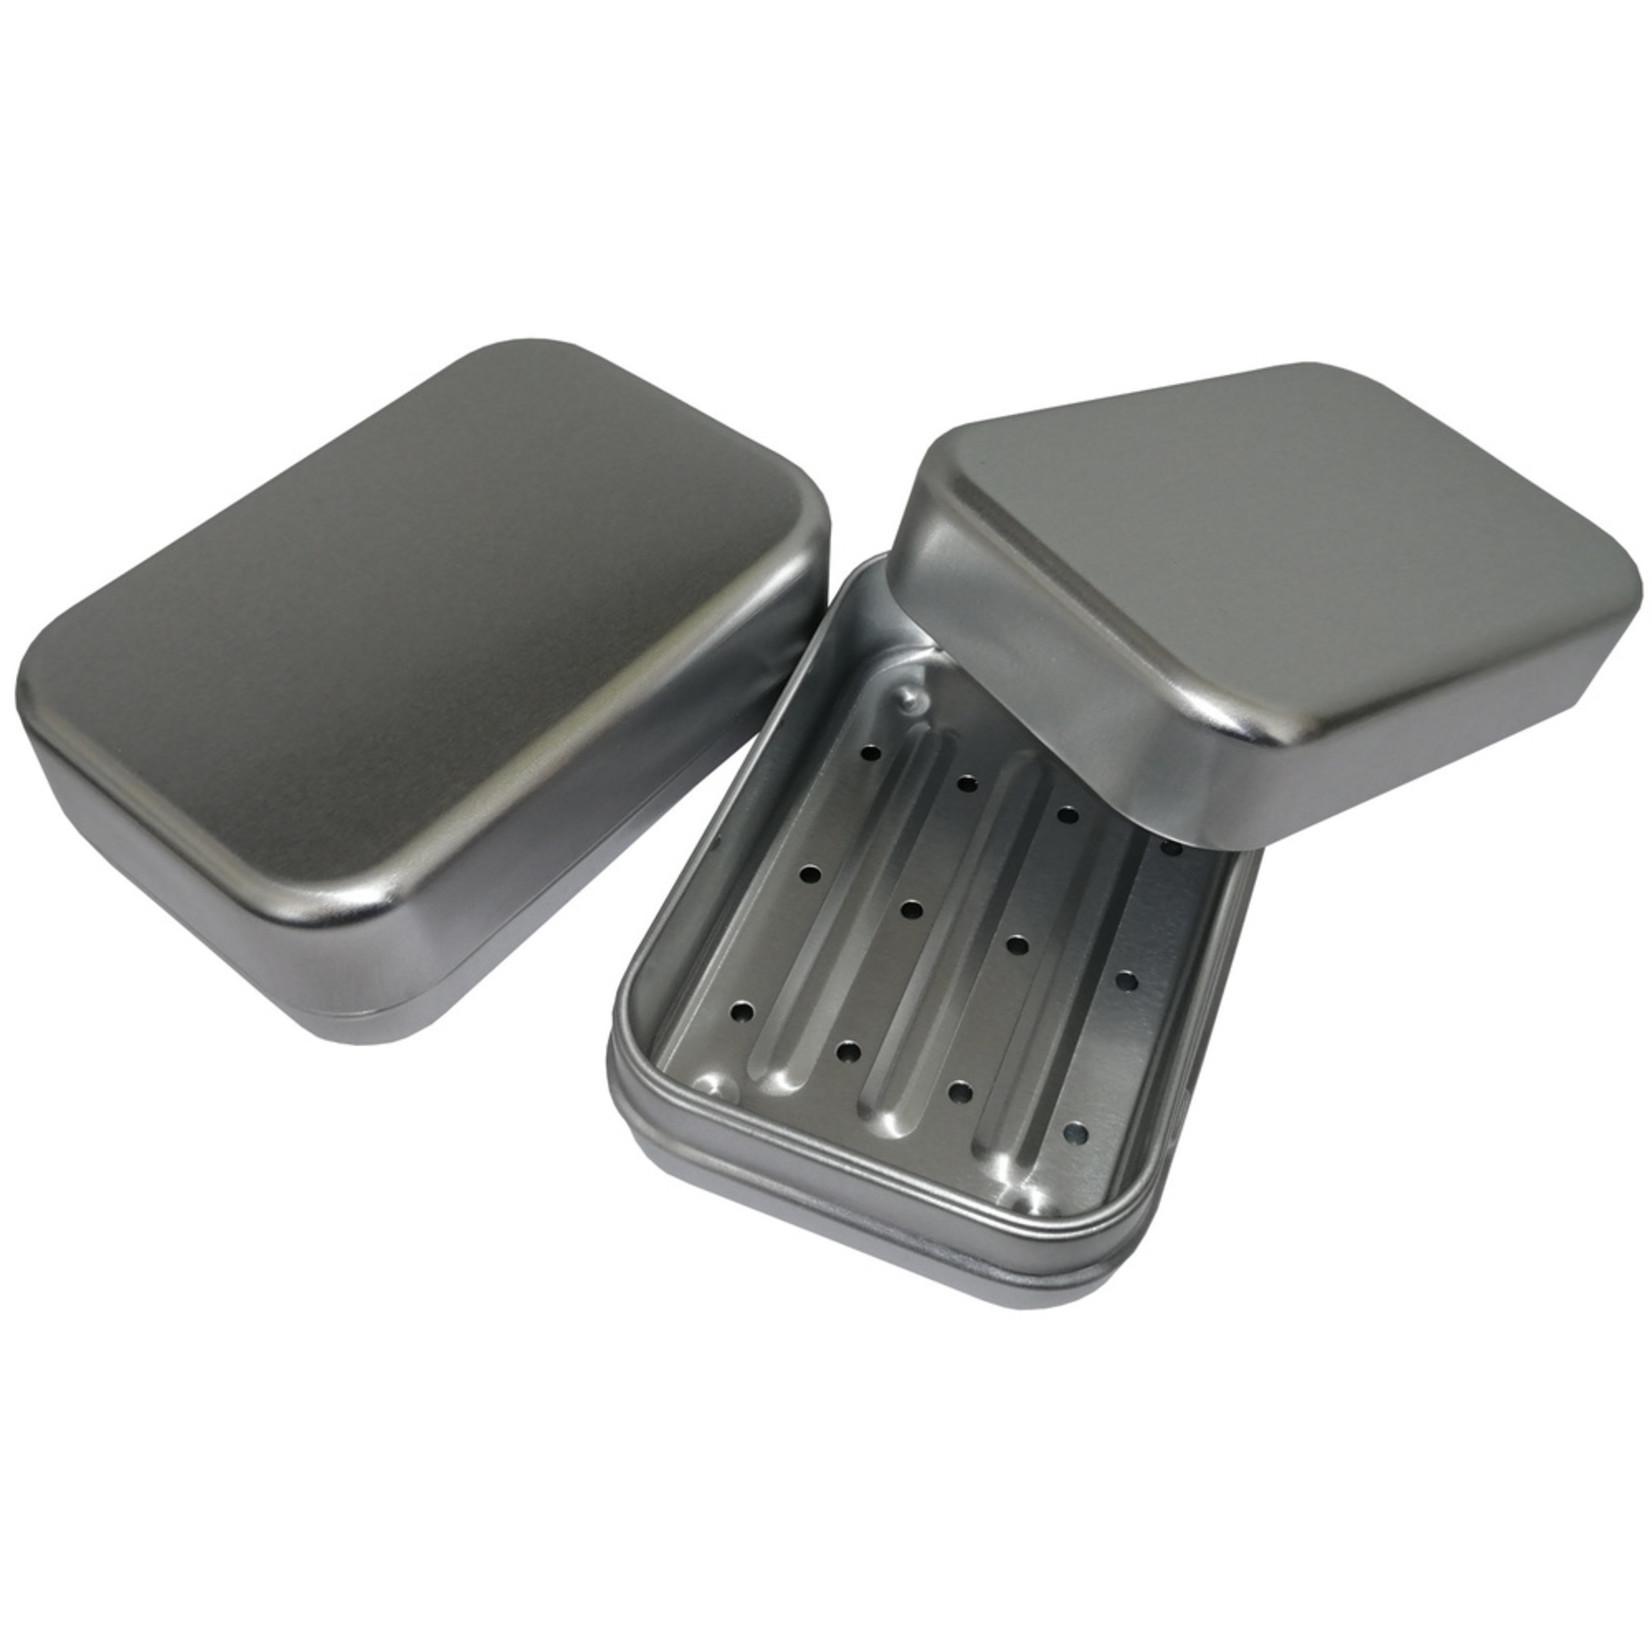 Seifendose Aluminium 3 tlg.